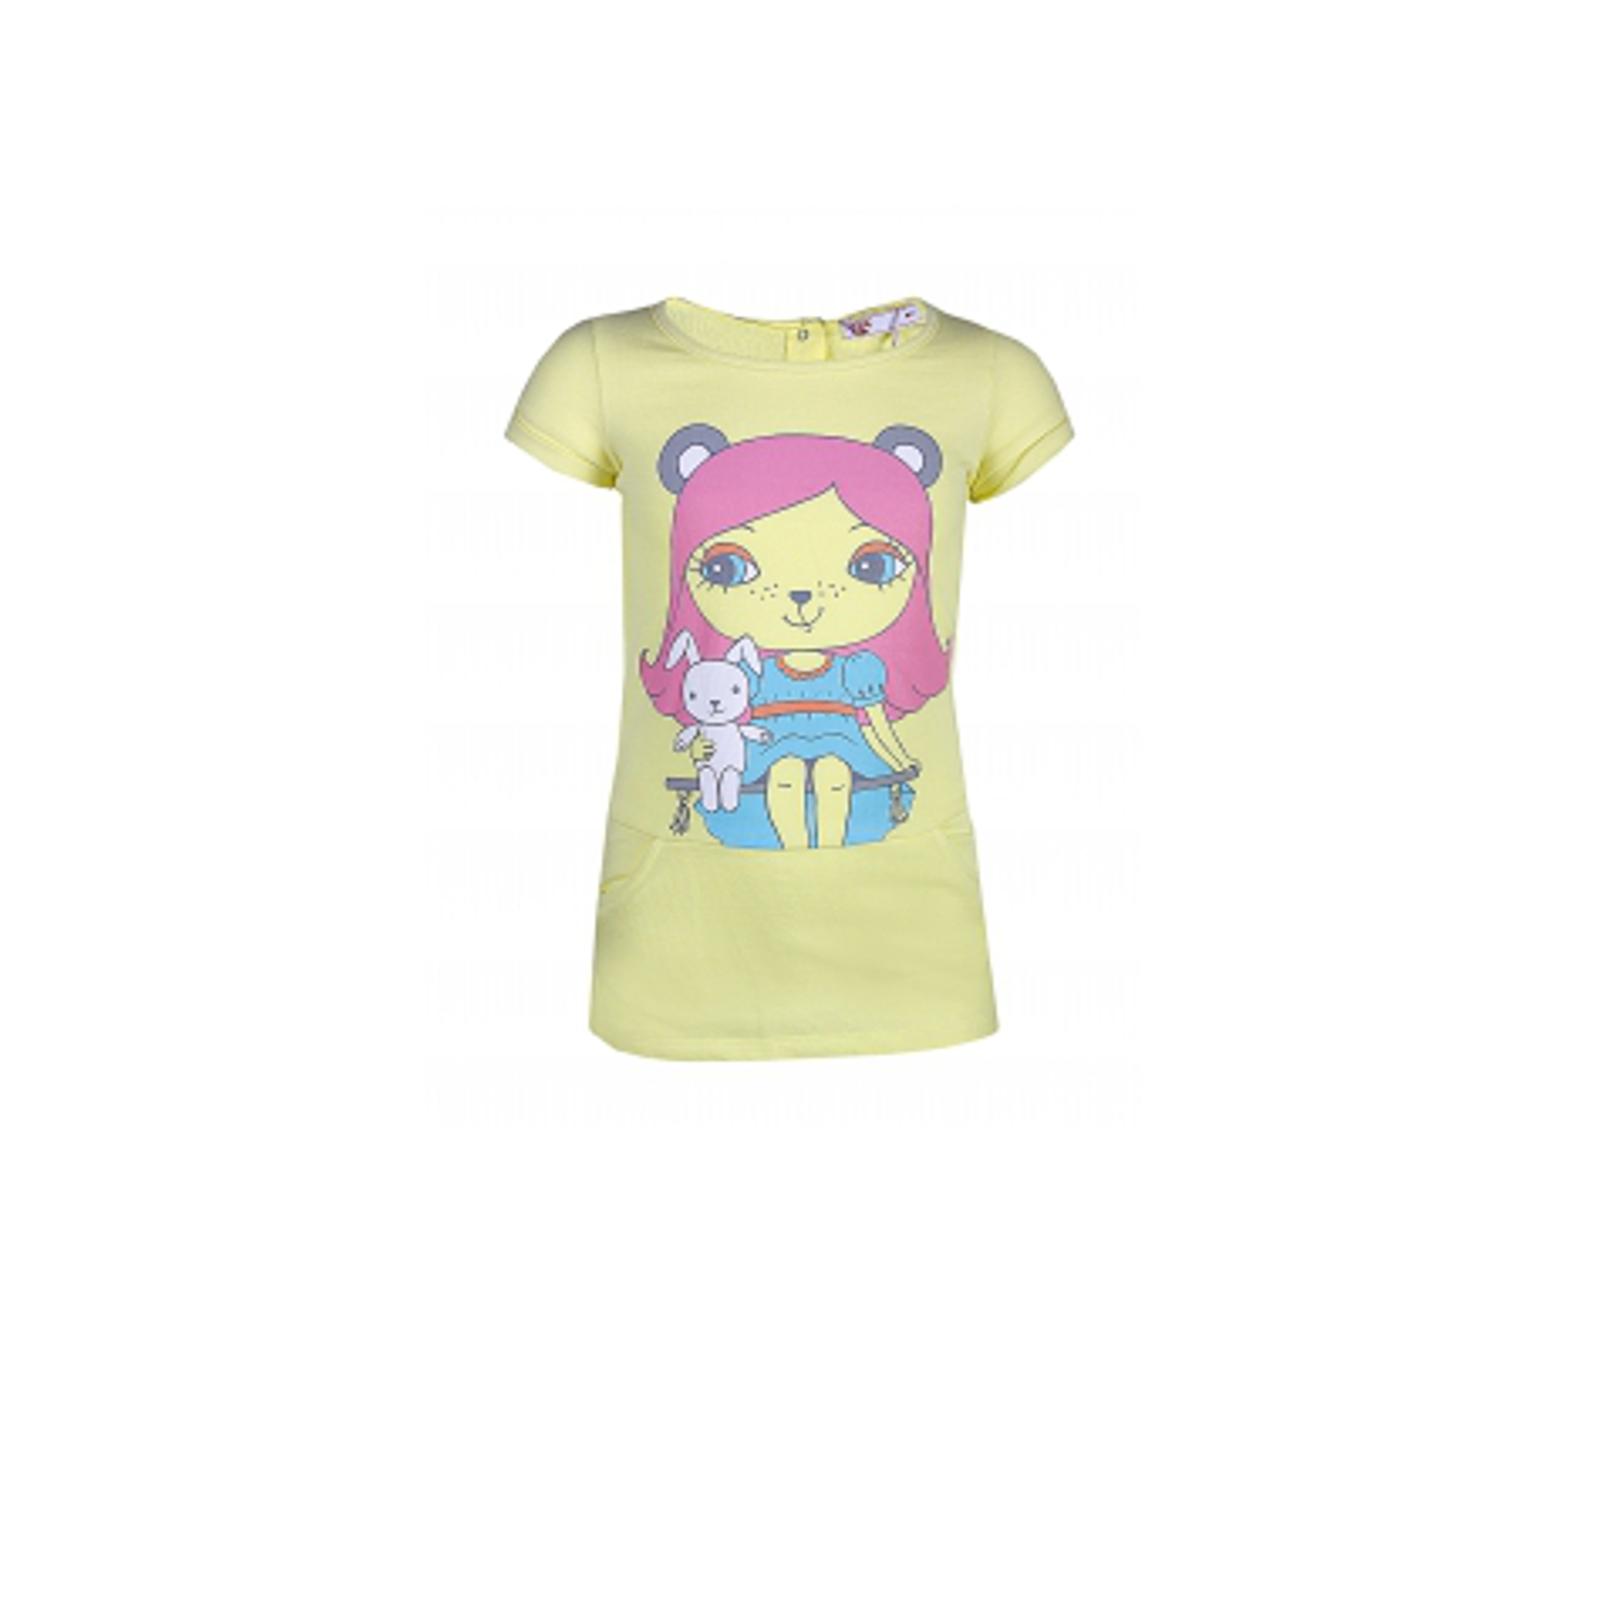 Платье для девочек FOX, цвет светло-желтый 6-12 мес.